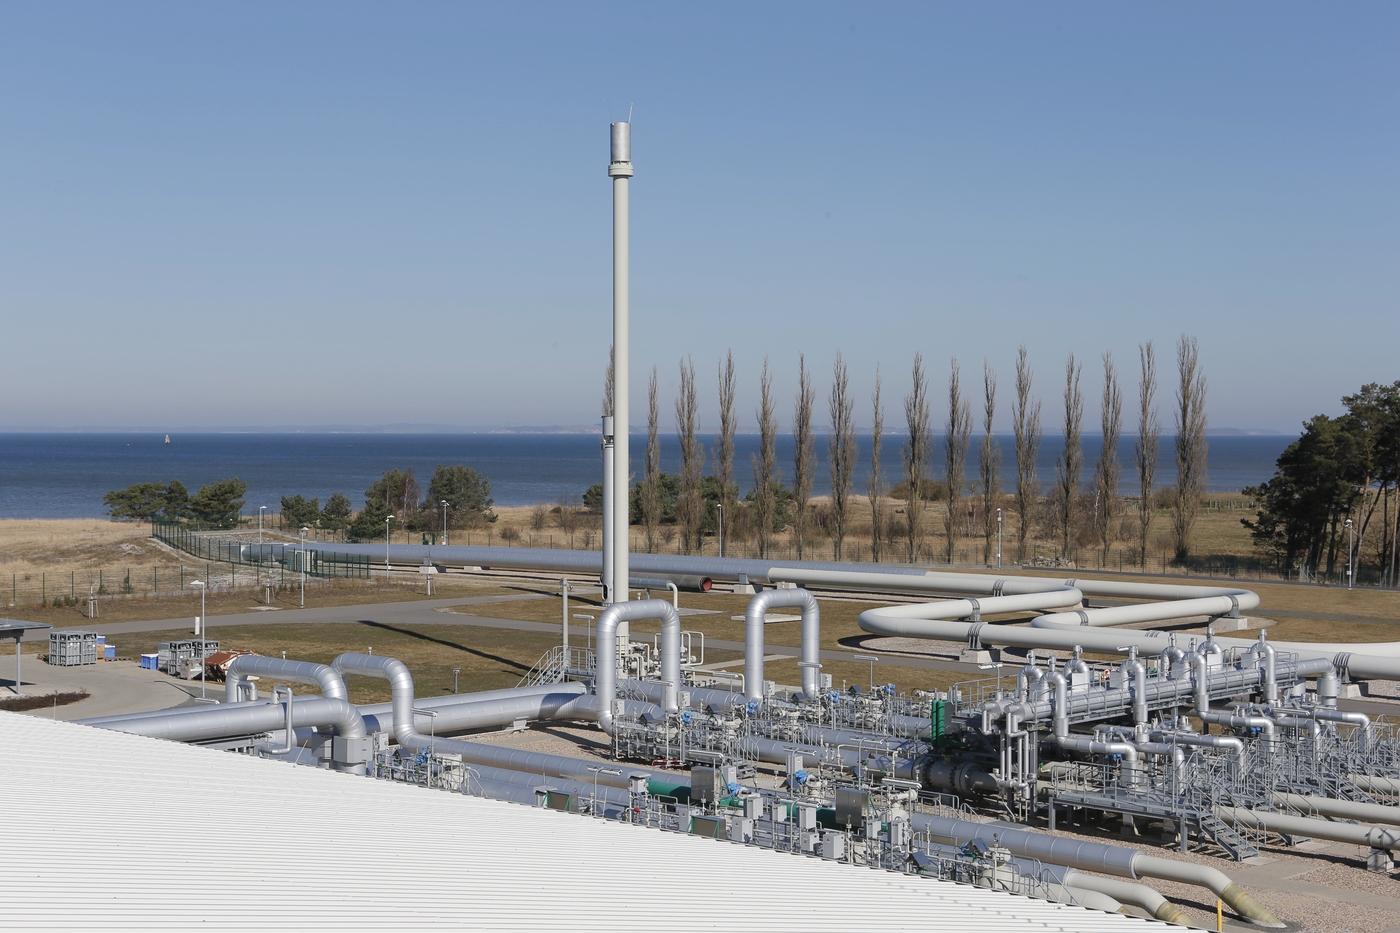 Gazprom Gaining Ground in Europe